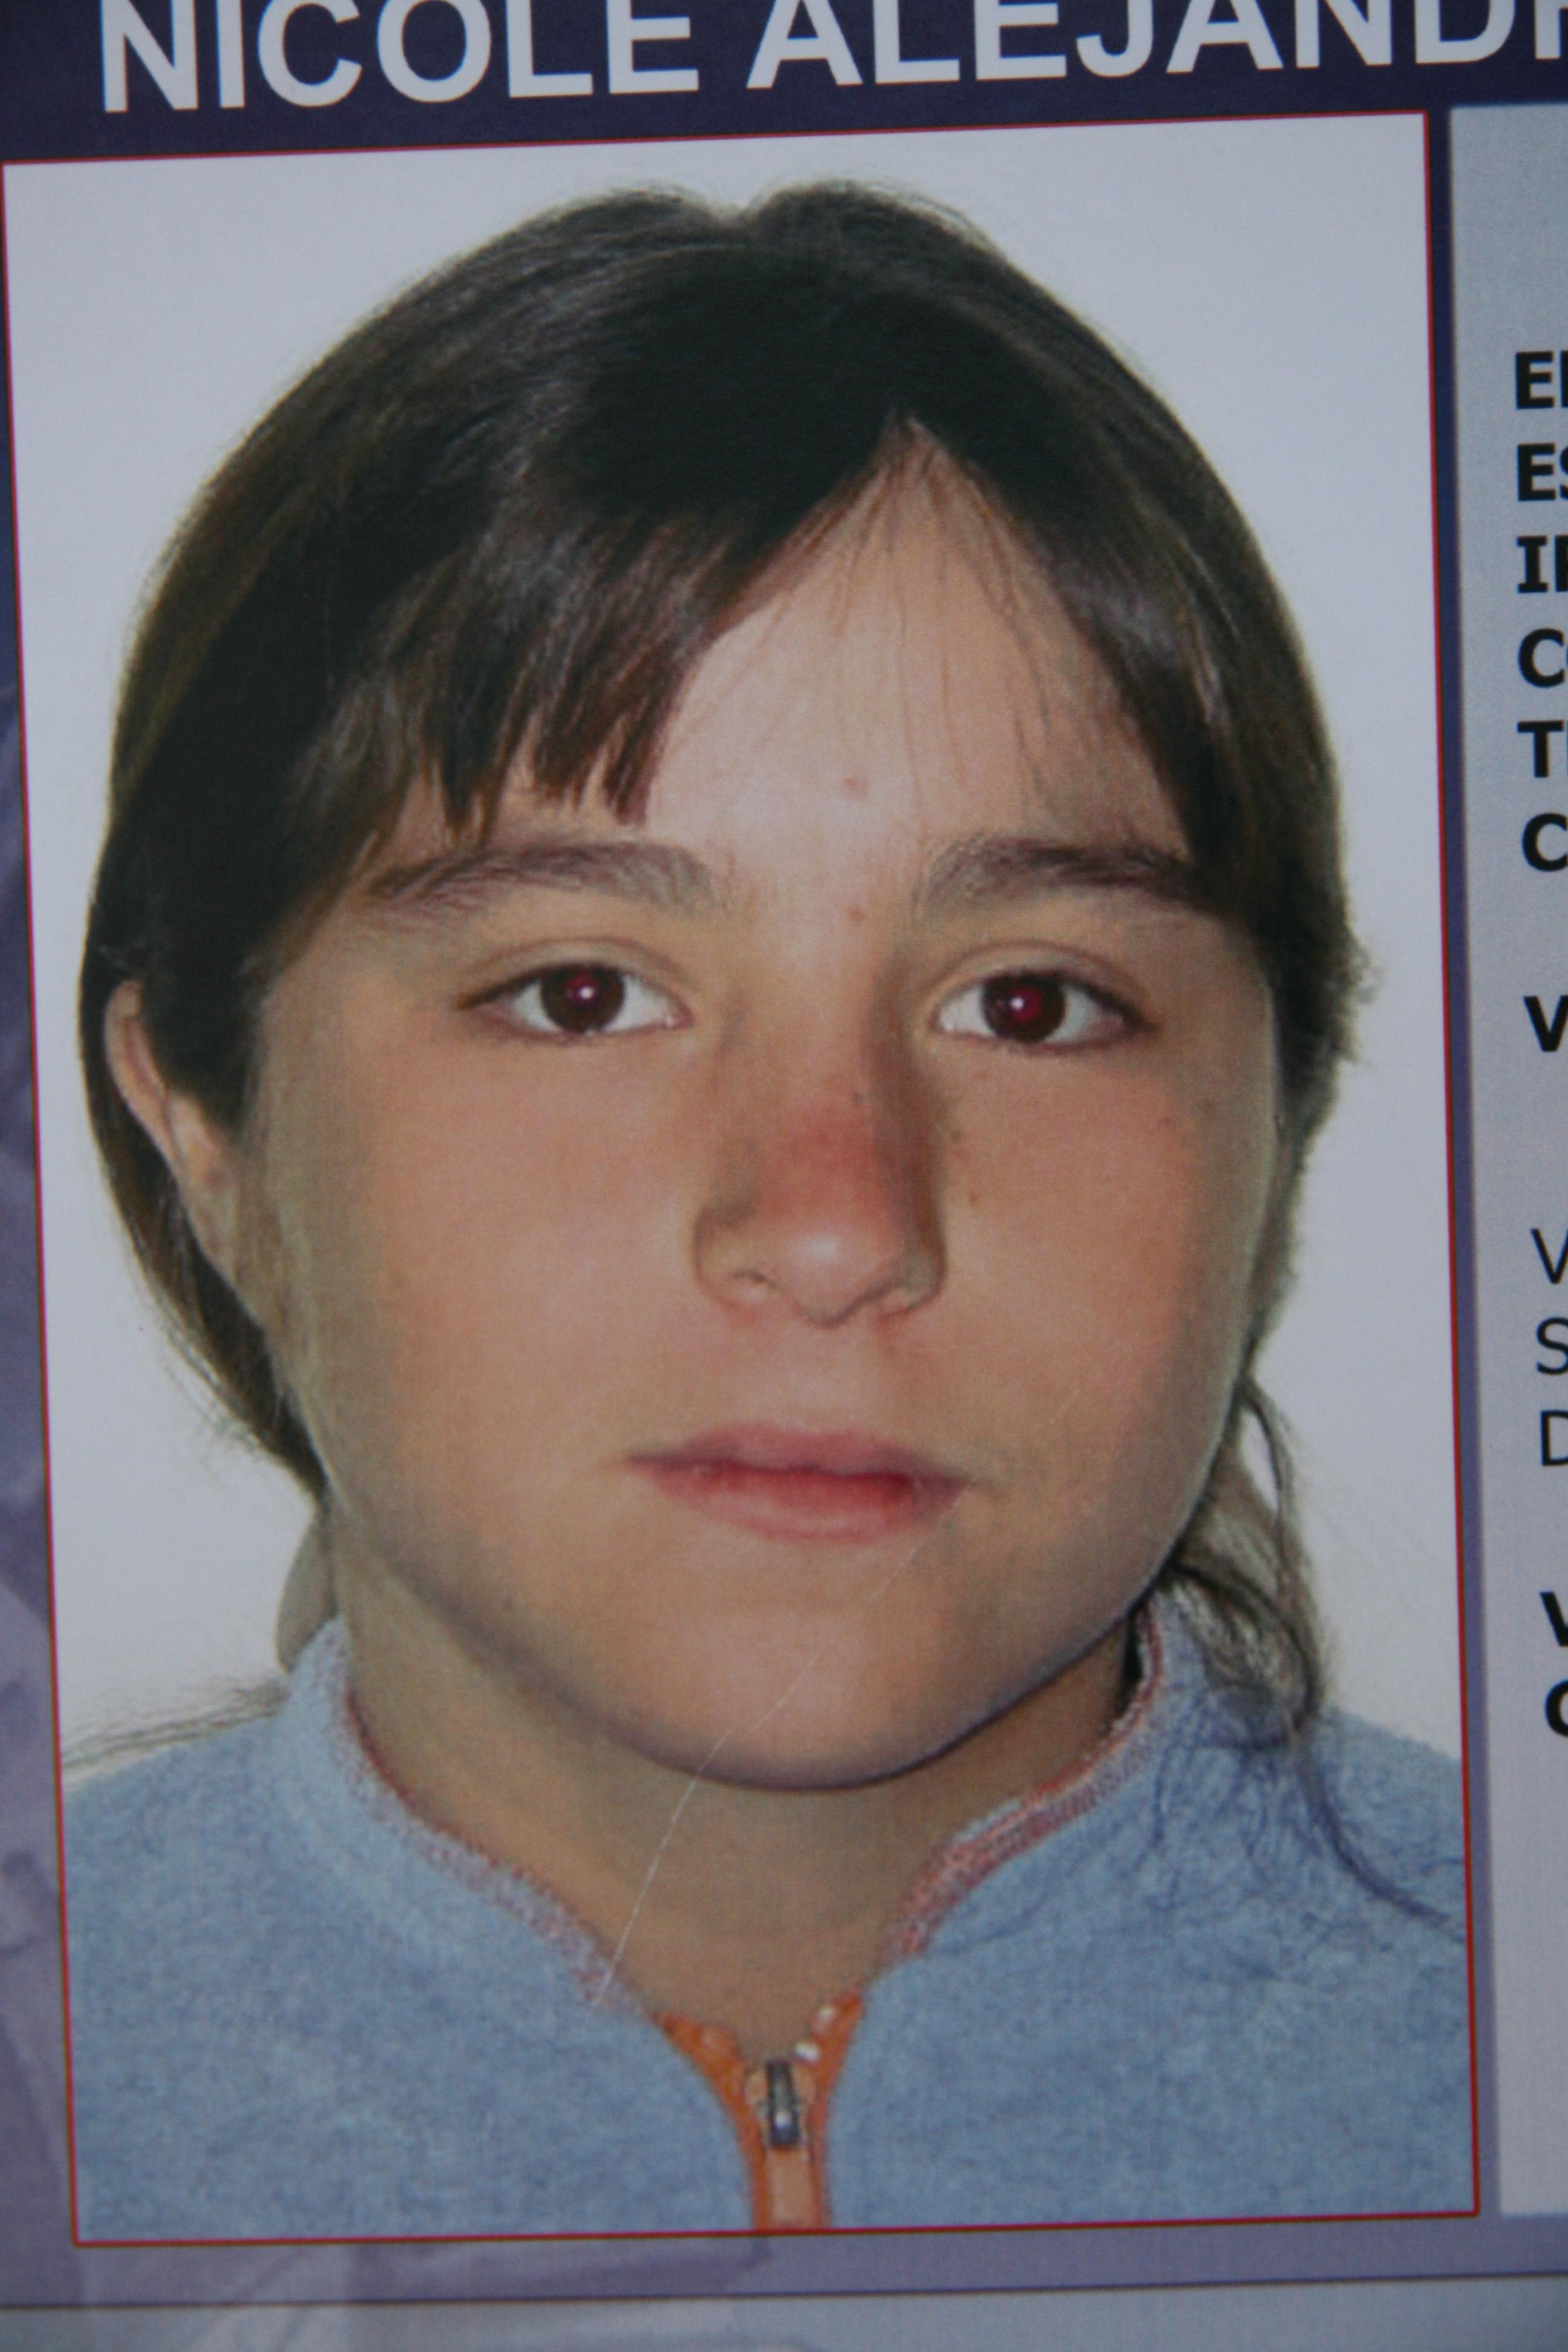 La fotografía de Nicole González es de cuando tenía 15 años; hoy tendría 19 años de edad.